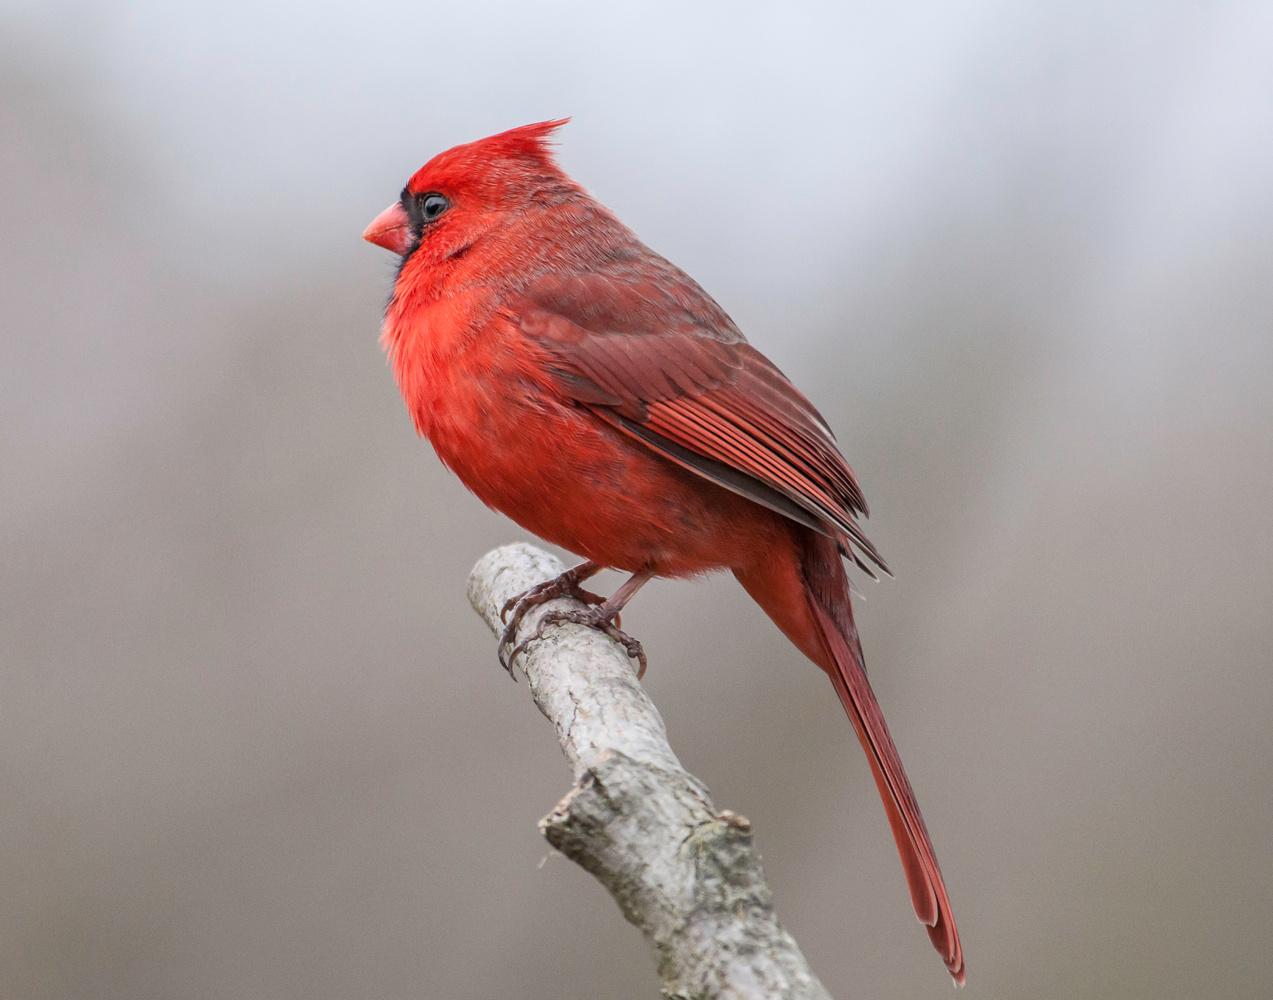 A Well-Fed Cardinal by Michael B. Schuelke